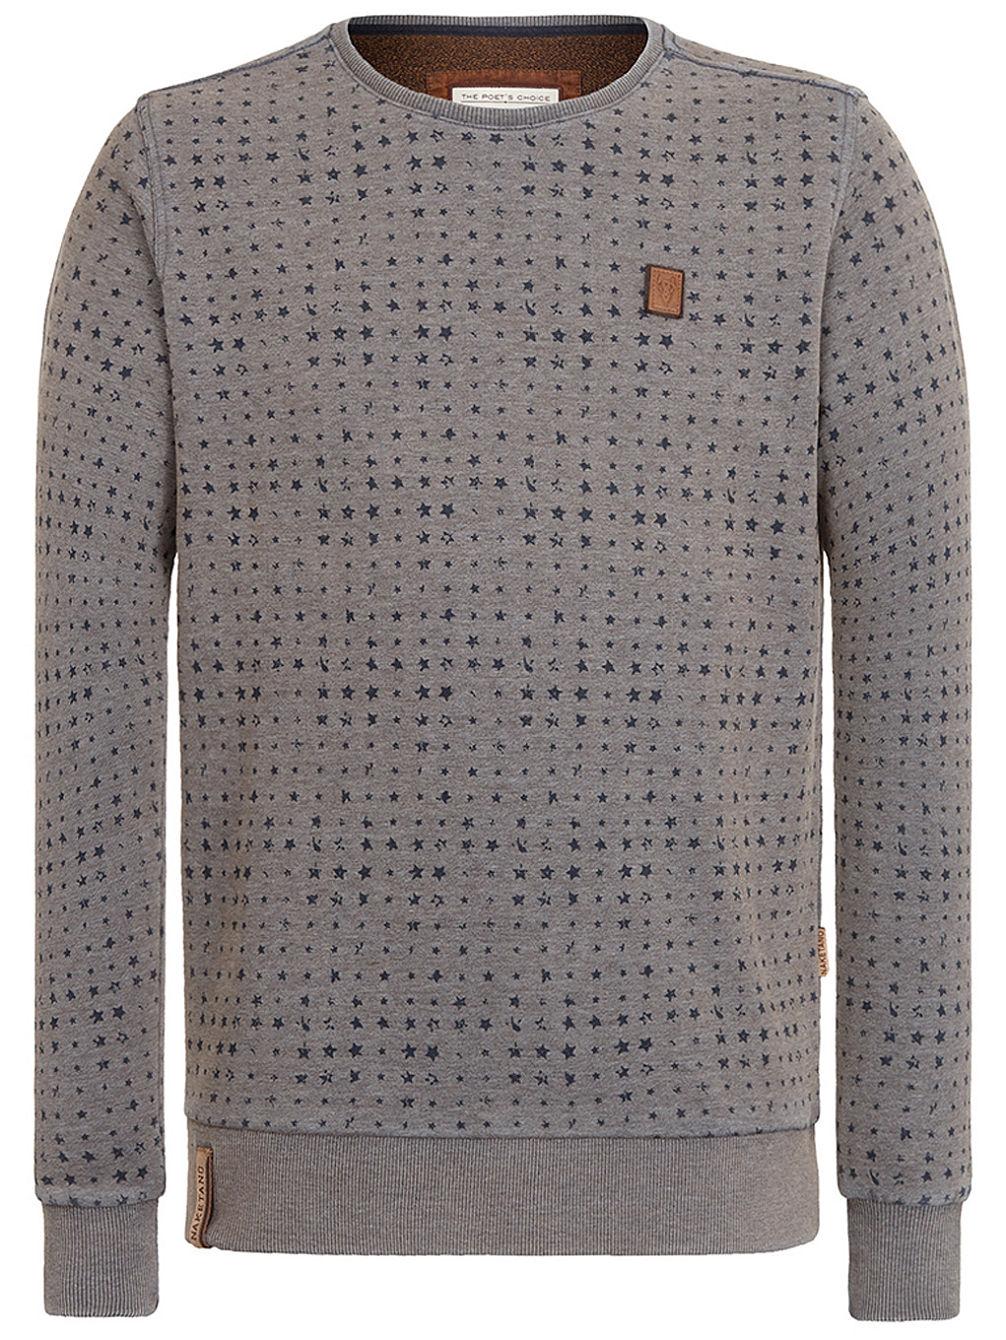 naketano-tinte-aufm-fueller-sweater